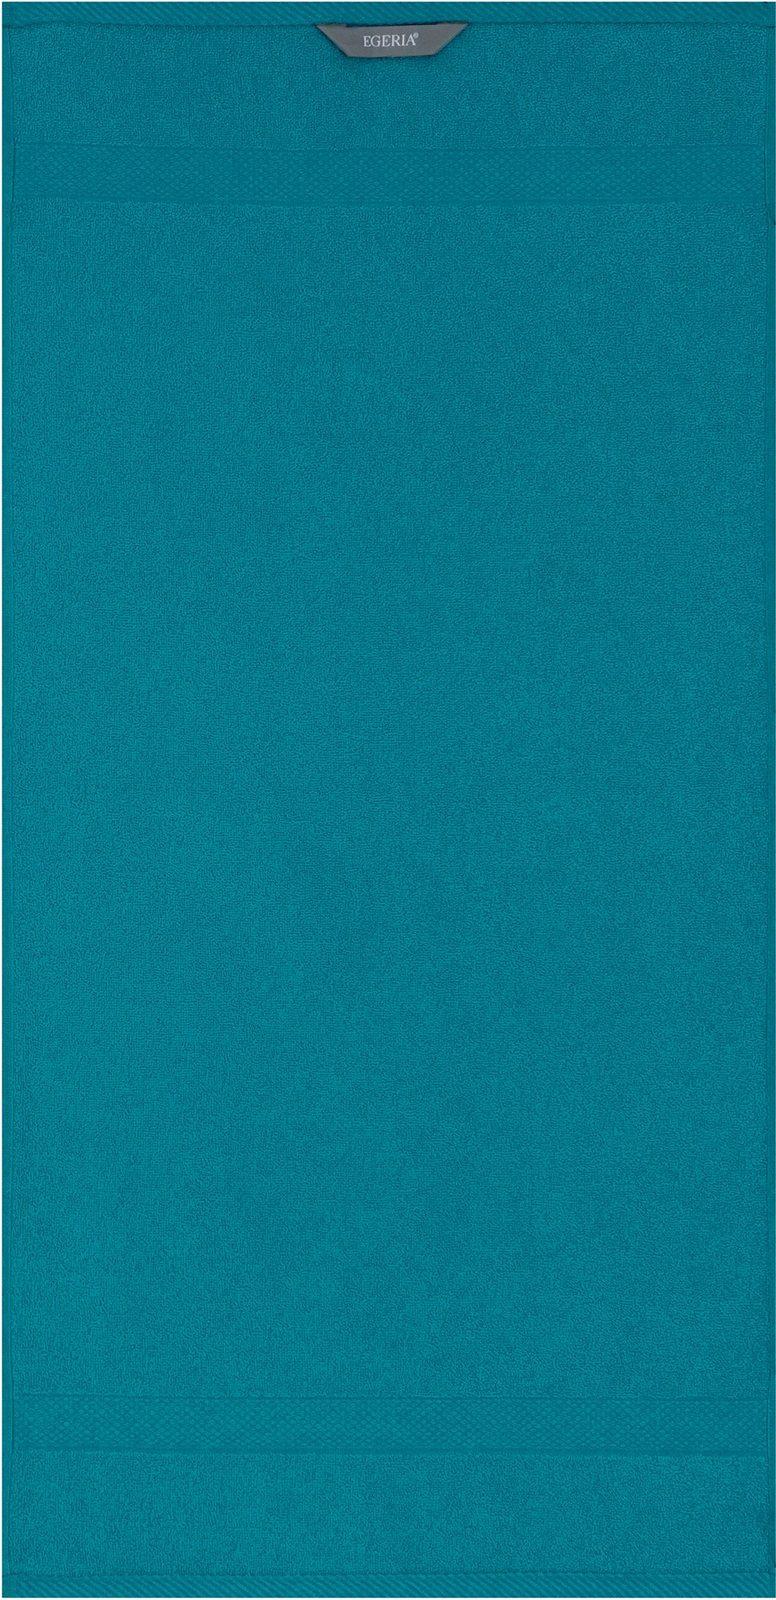 Badetuch, Egeria, »Diamant«, in Uni gehalten - broschei